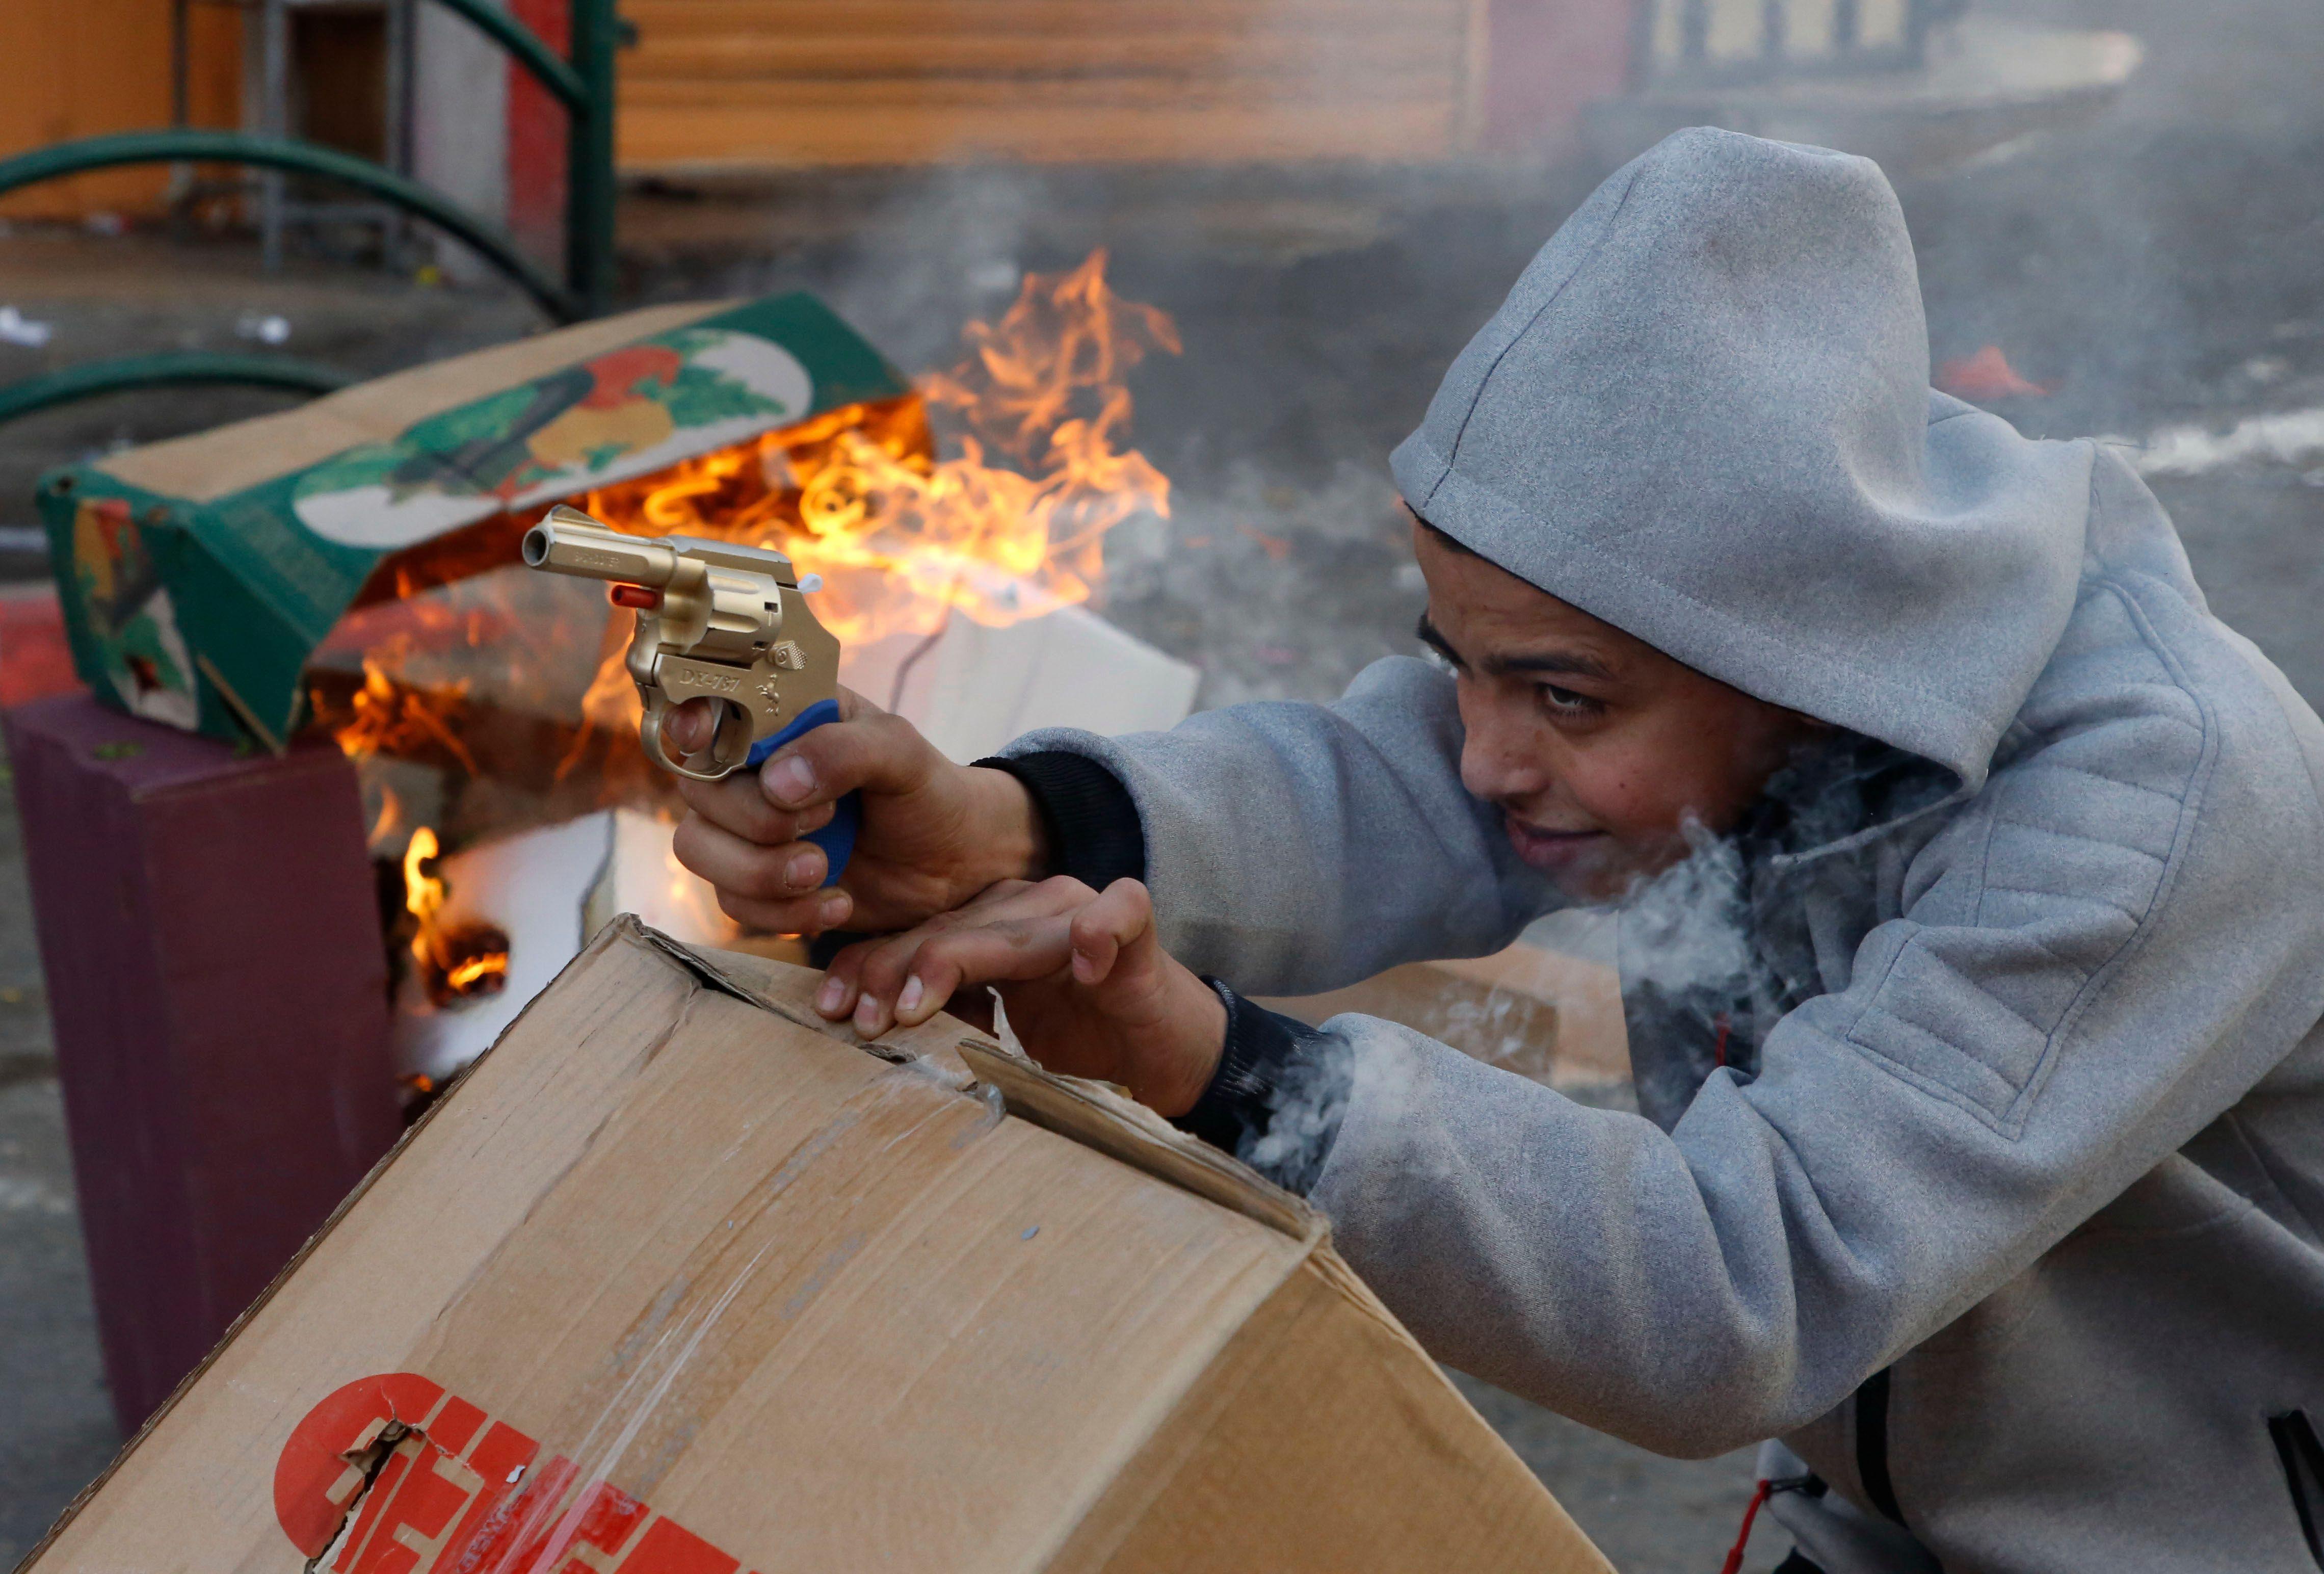 الطفل الفلسطينى ممسكا بمسدسه البلاستيك